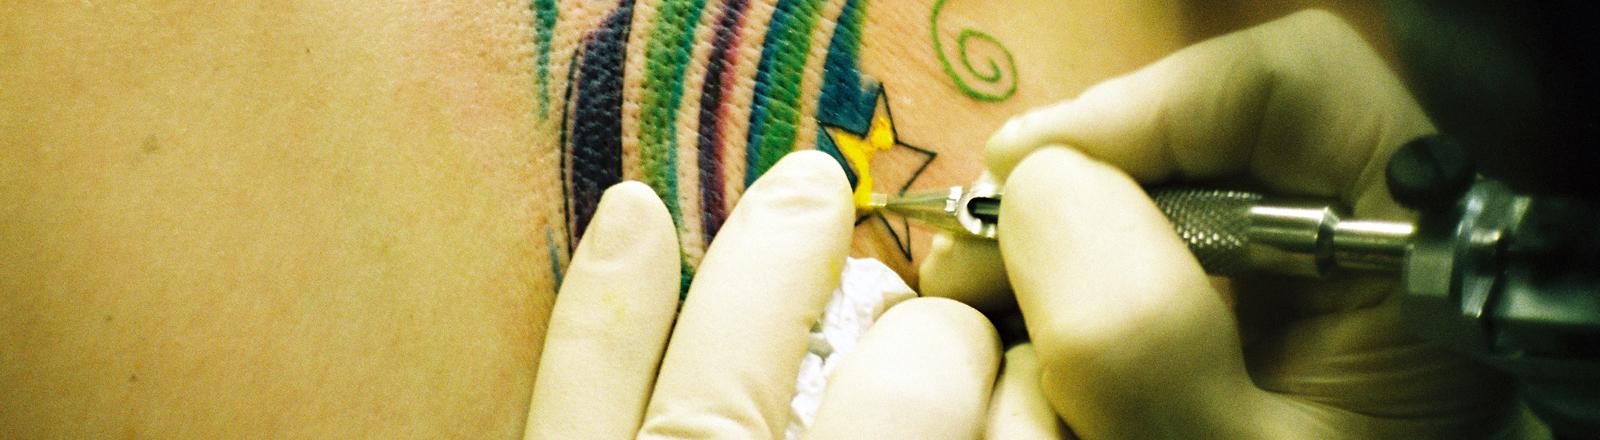 Zwei Hände in Handschuhen halten eine Tätowiermaschine an einen Rücken, ein Stern wird gelb gefärbt.